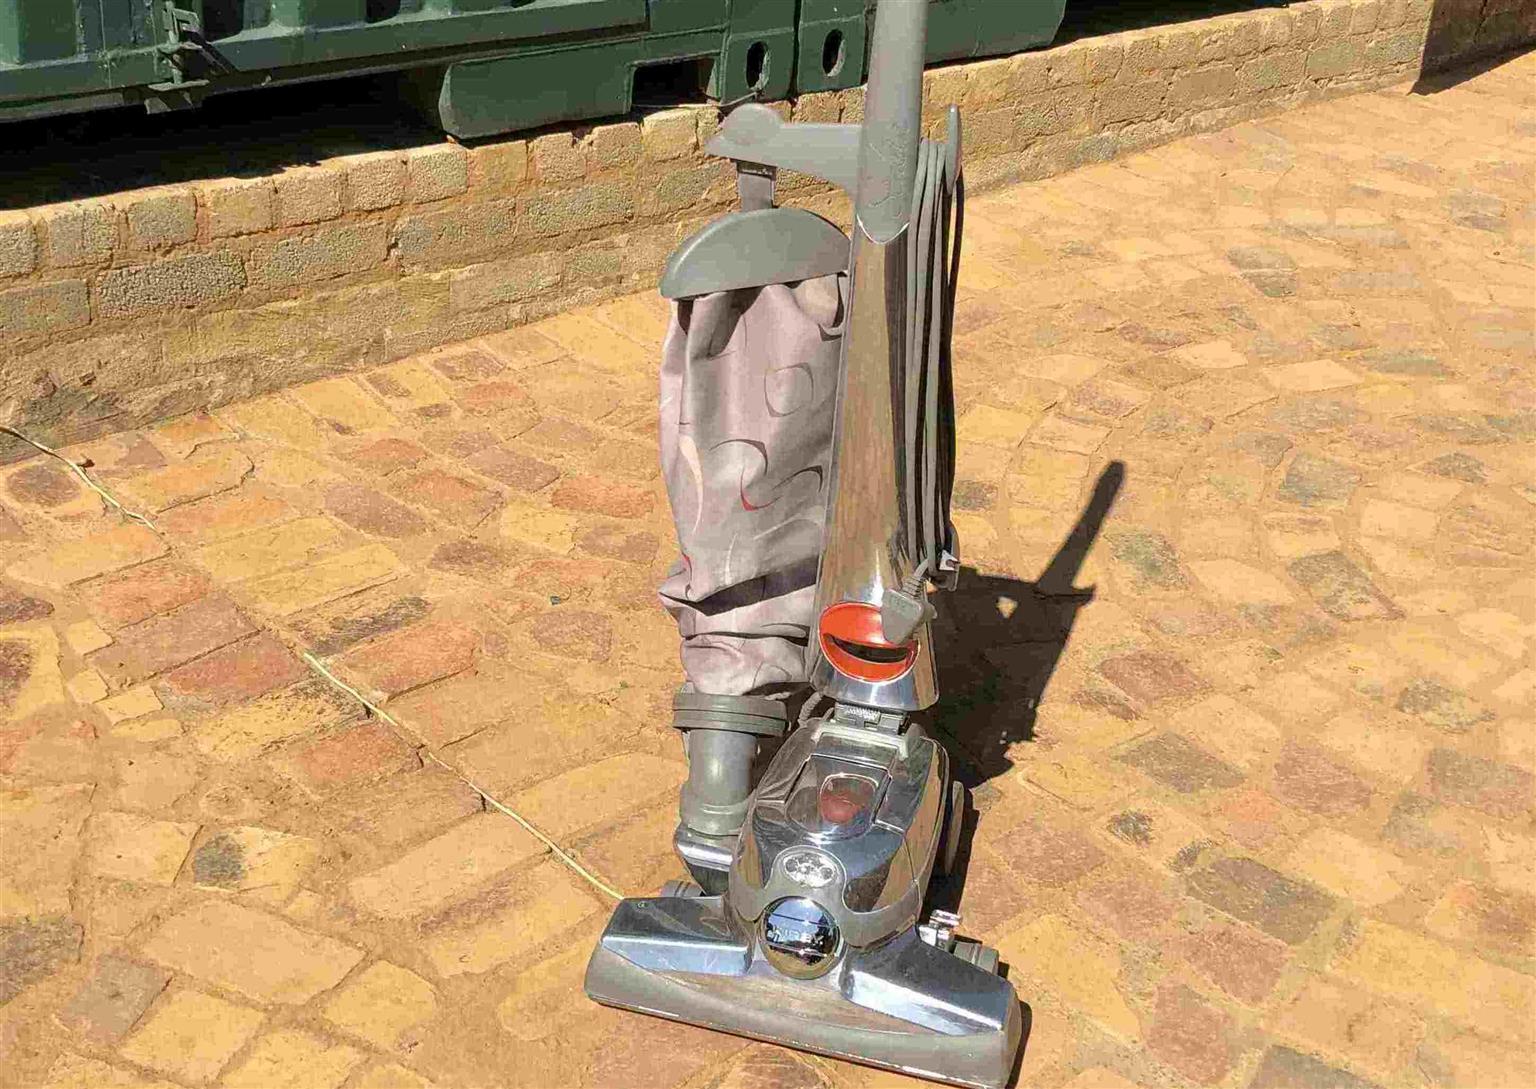 Kirby Herritage II vacuum Cleaner